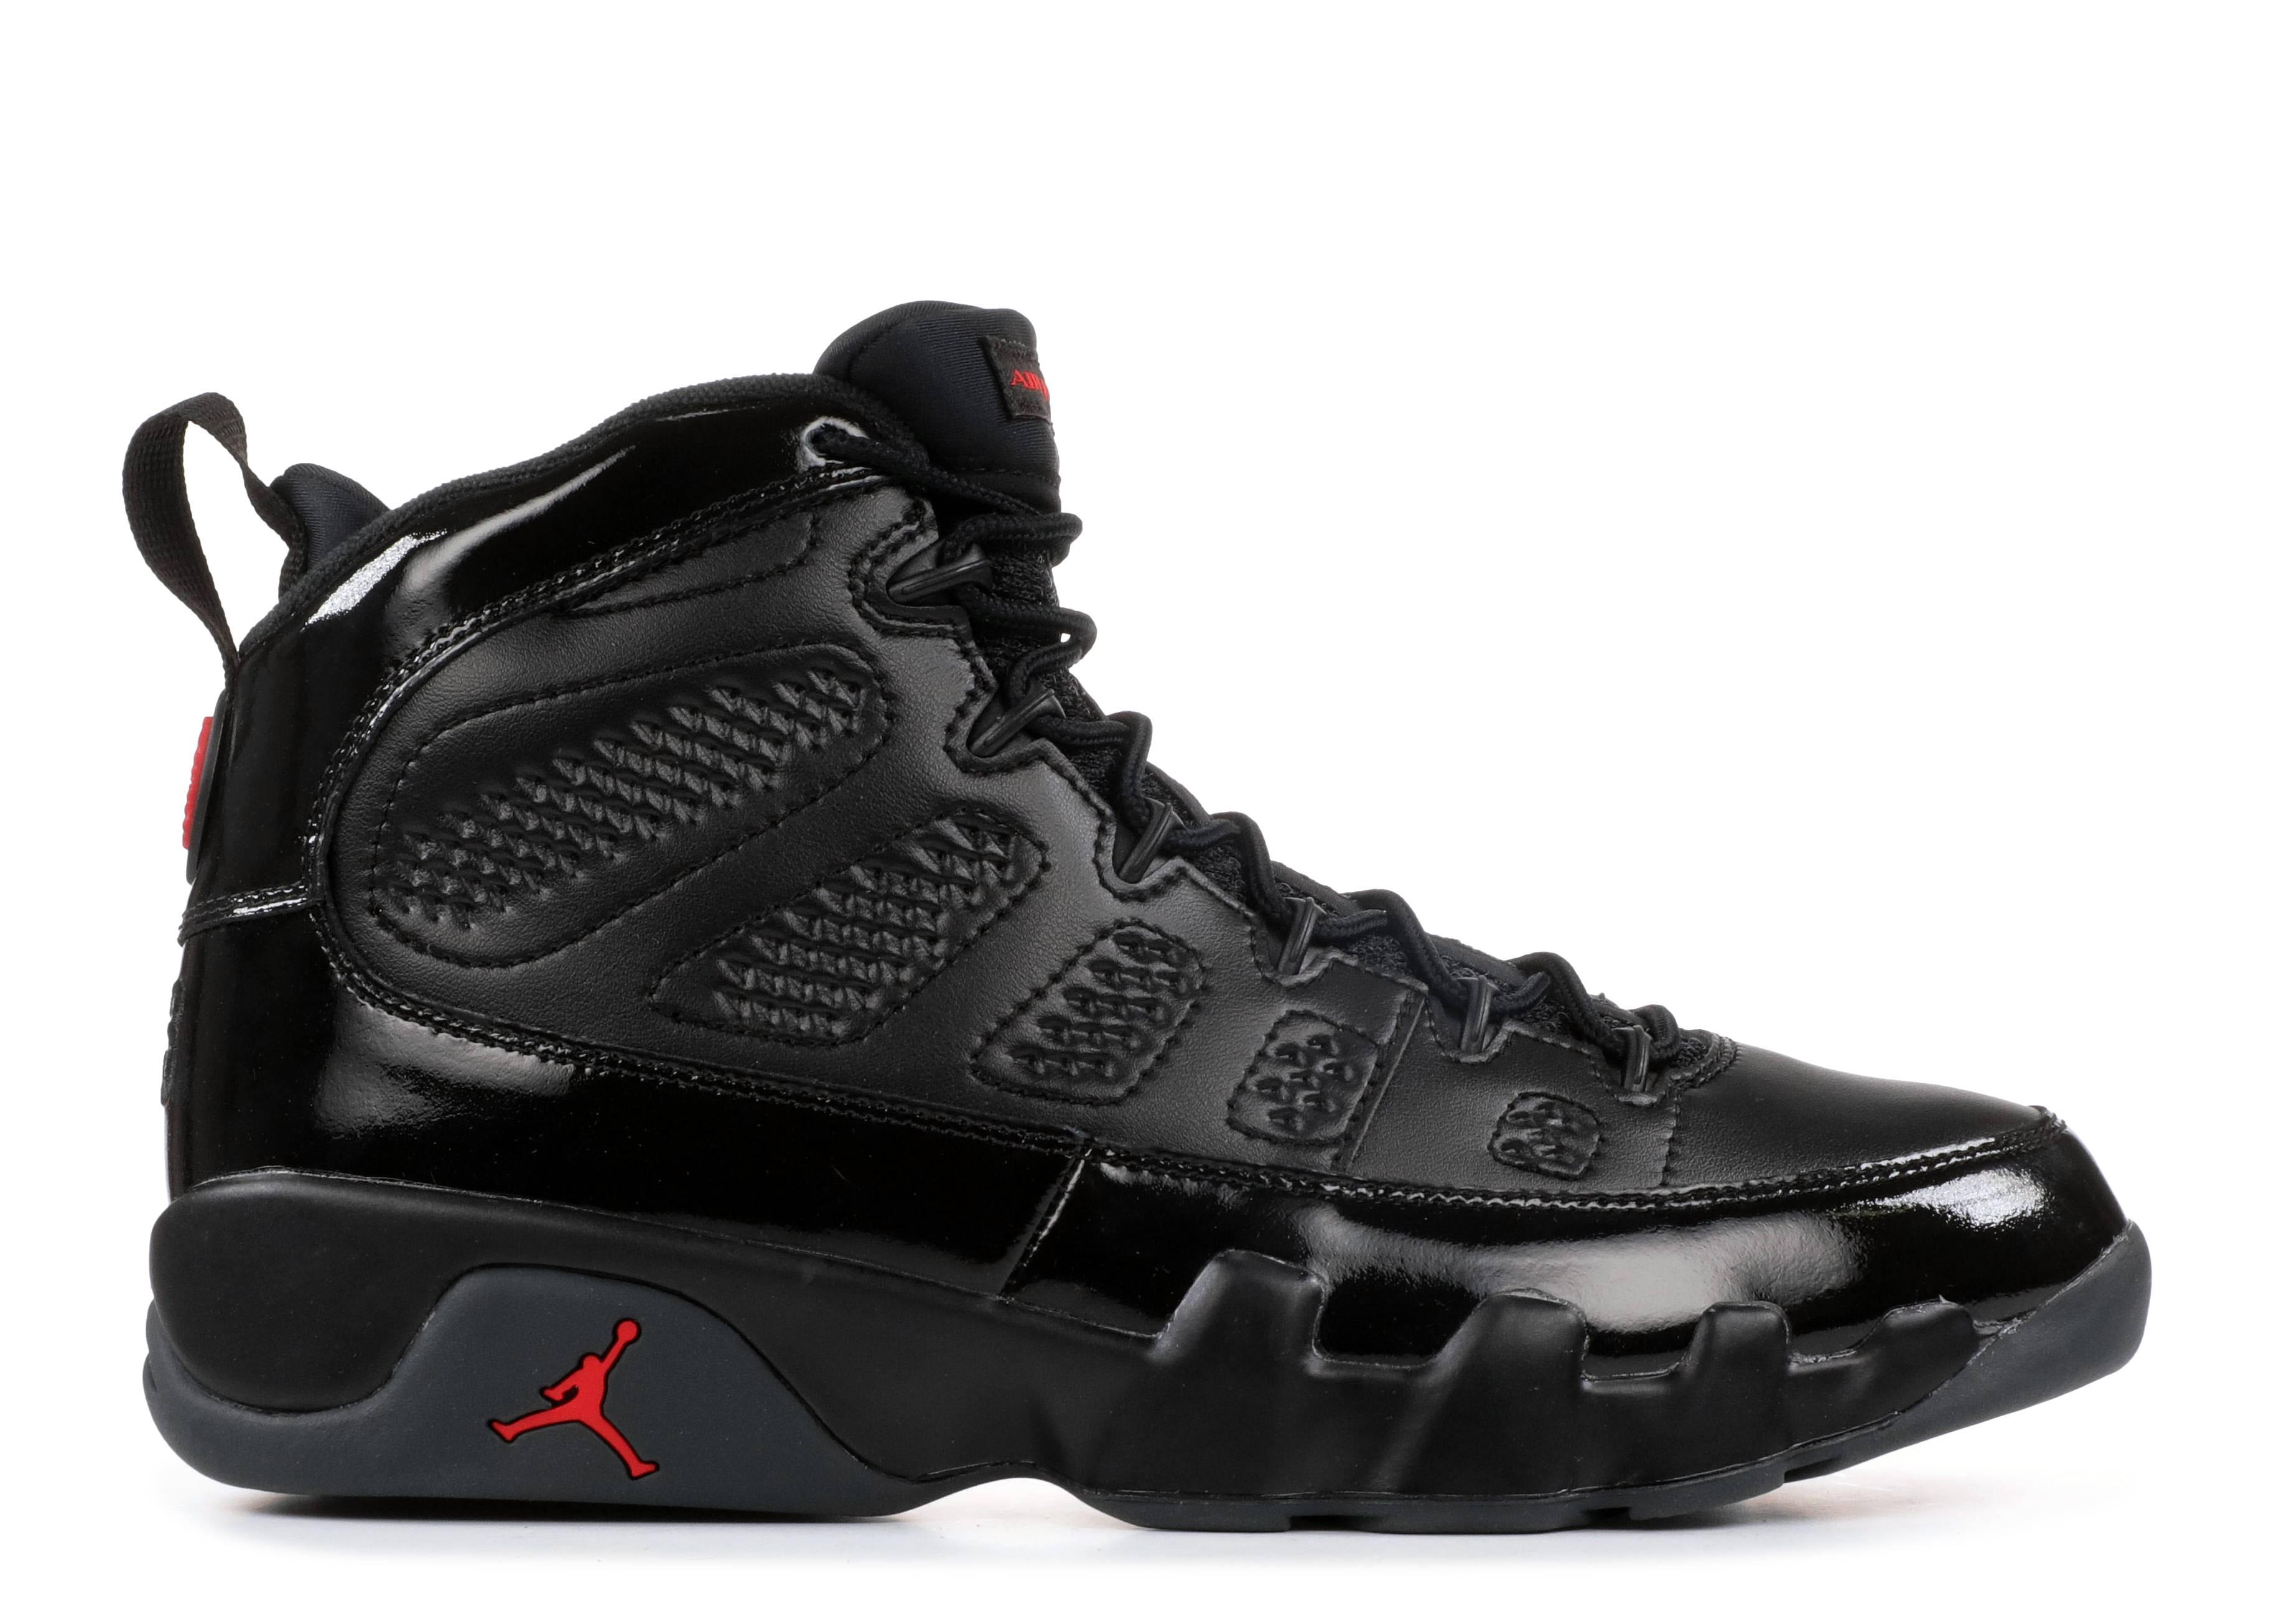 Air Jordan 9 Sneakers | Flight Club